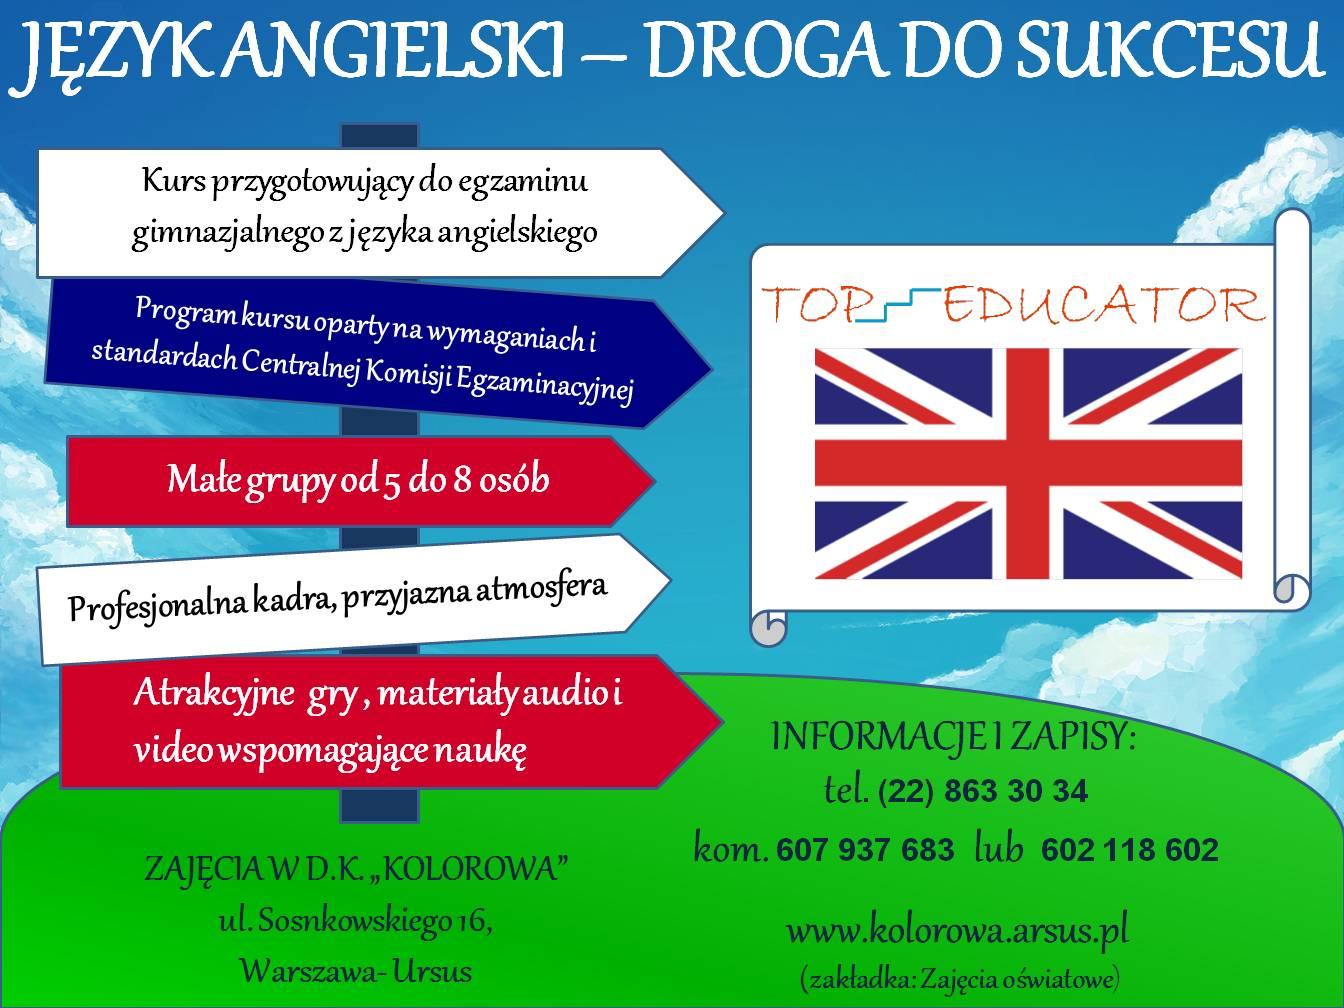 Kurs Przygotowujący Do Egzaminu Gimnazjalnego Z Języka